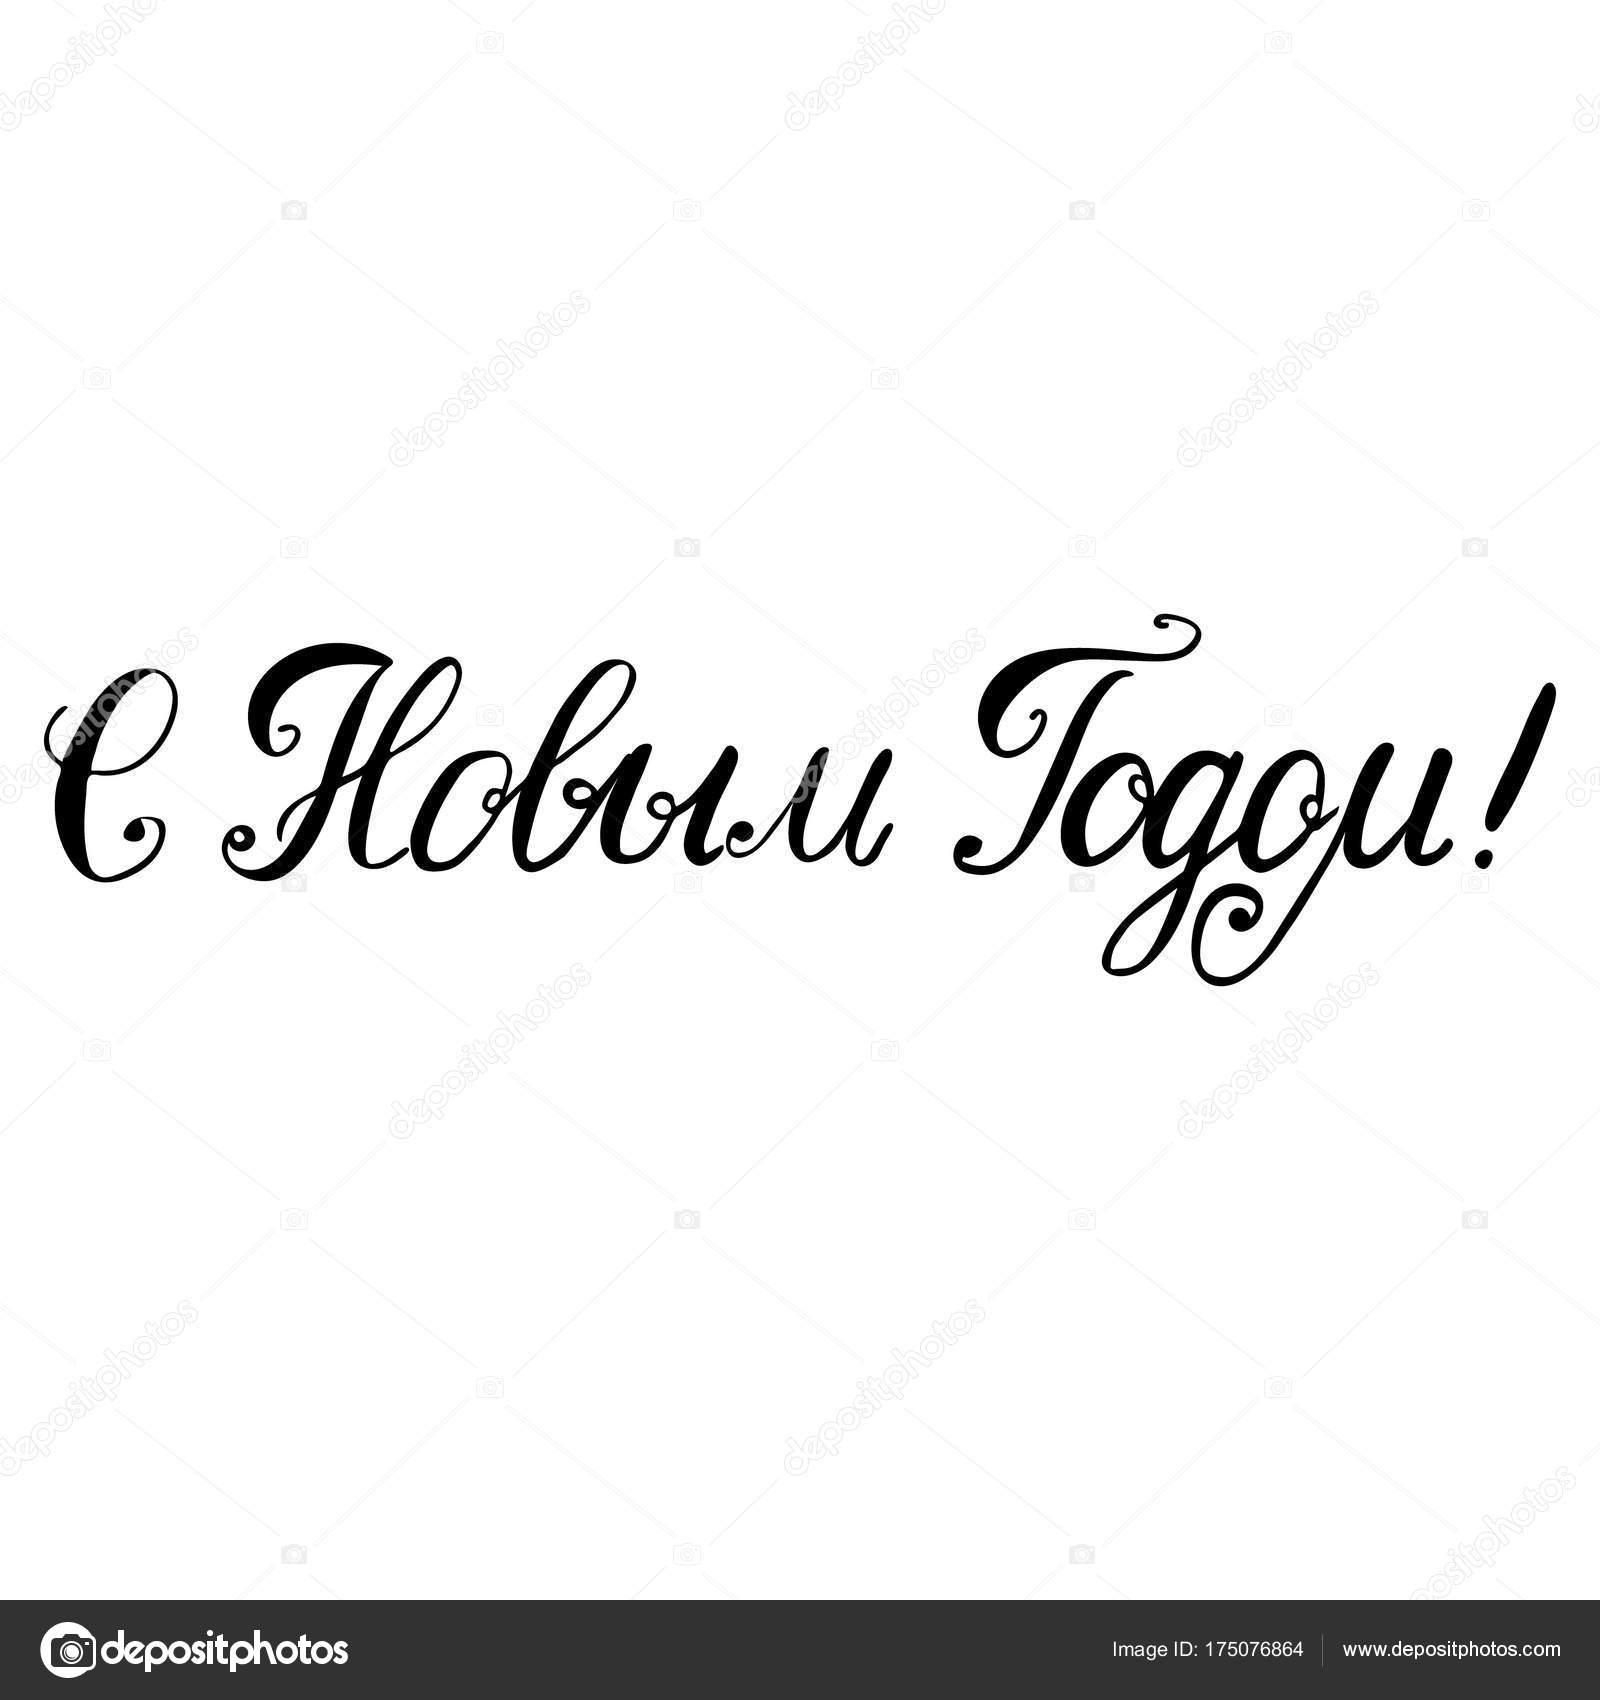 Schriftzug mit Satz in russischer Sprache. Wünsche für warme ...